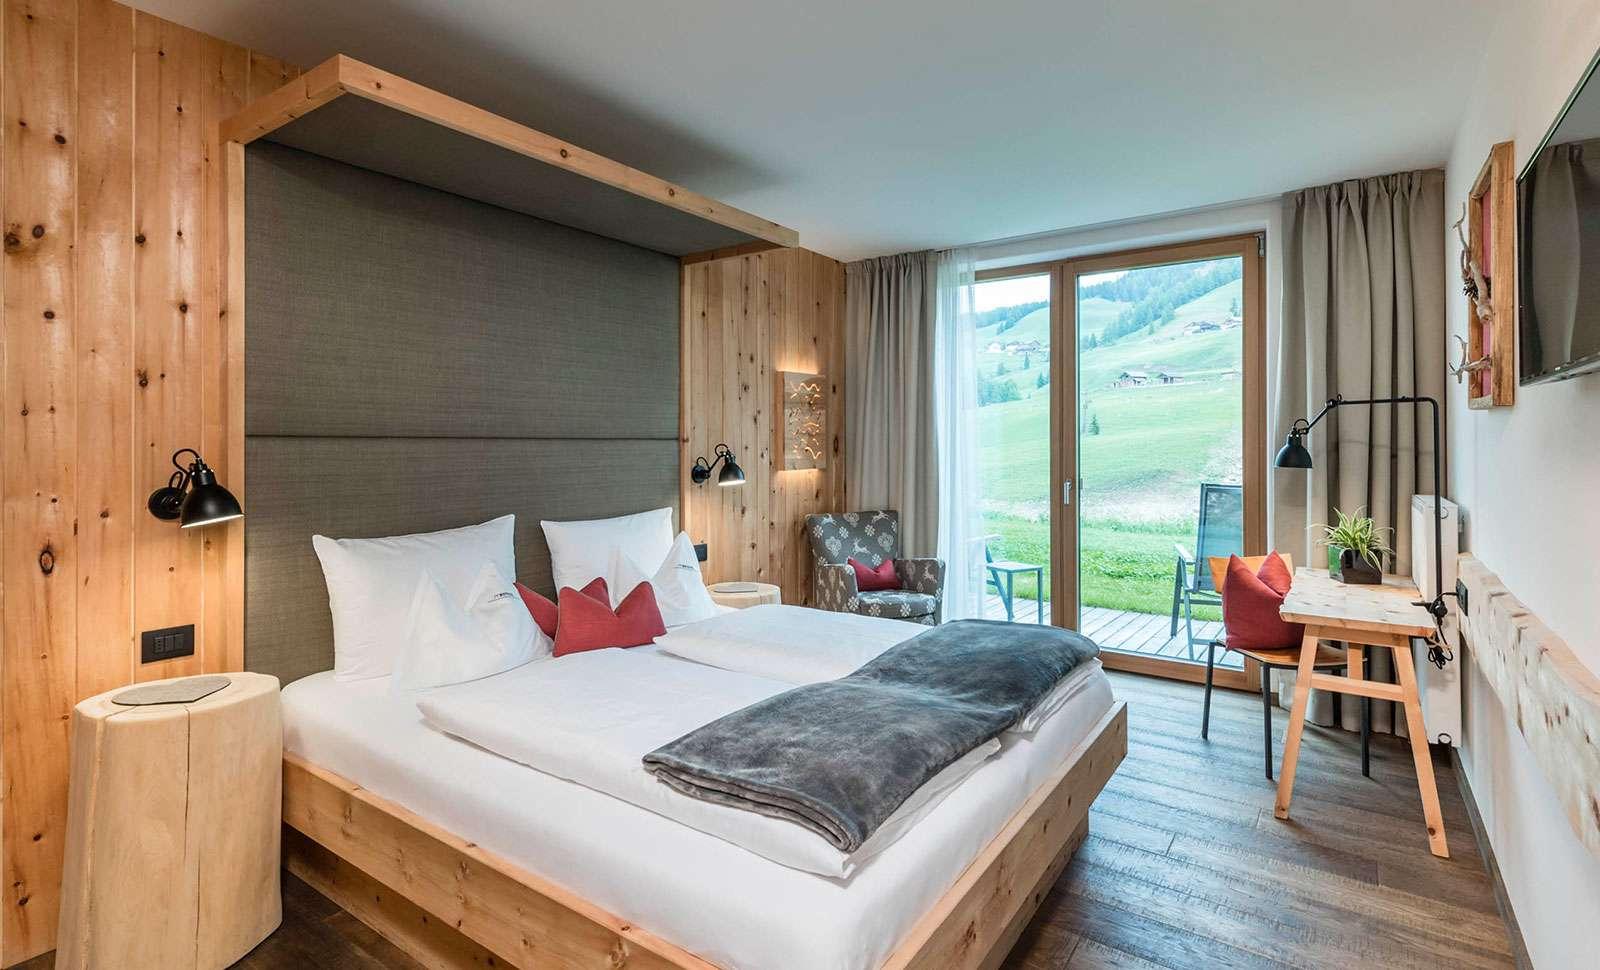 Naturhotel miraval eingebettet in die gro artige kulisse for Design hotel dolomiten